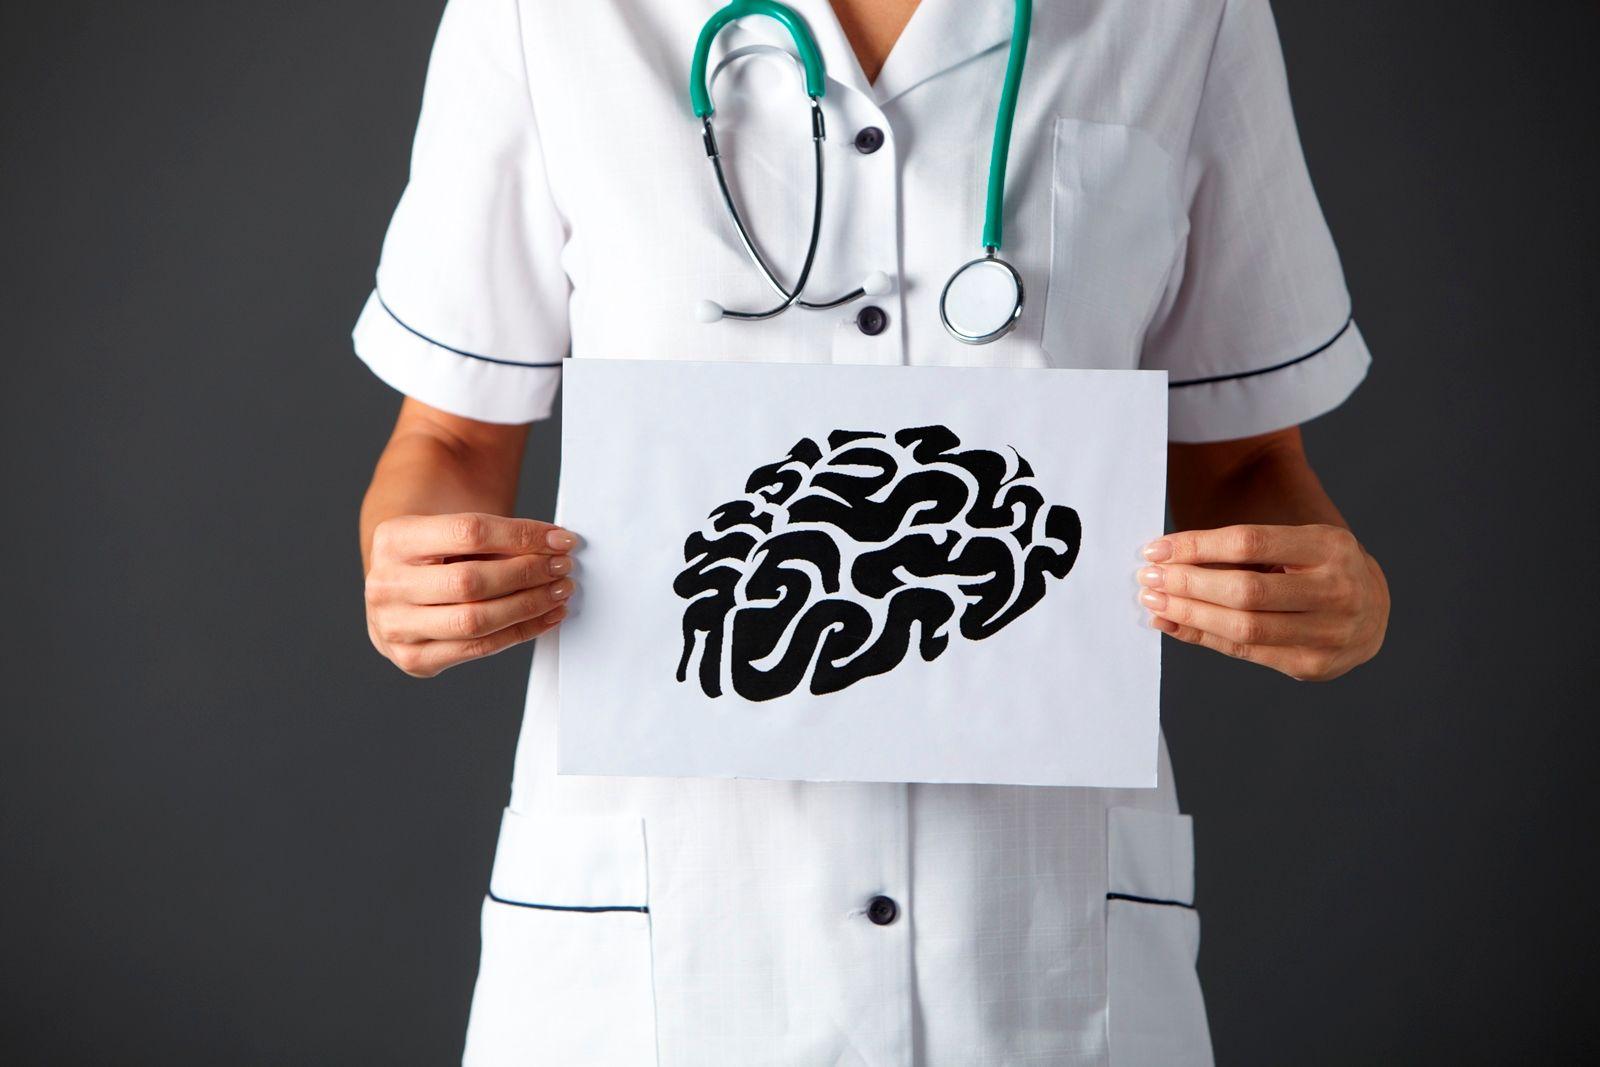 Enfermera sosteniendo letrero con ilustración de un cerebro